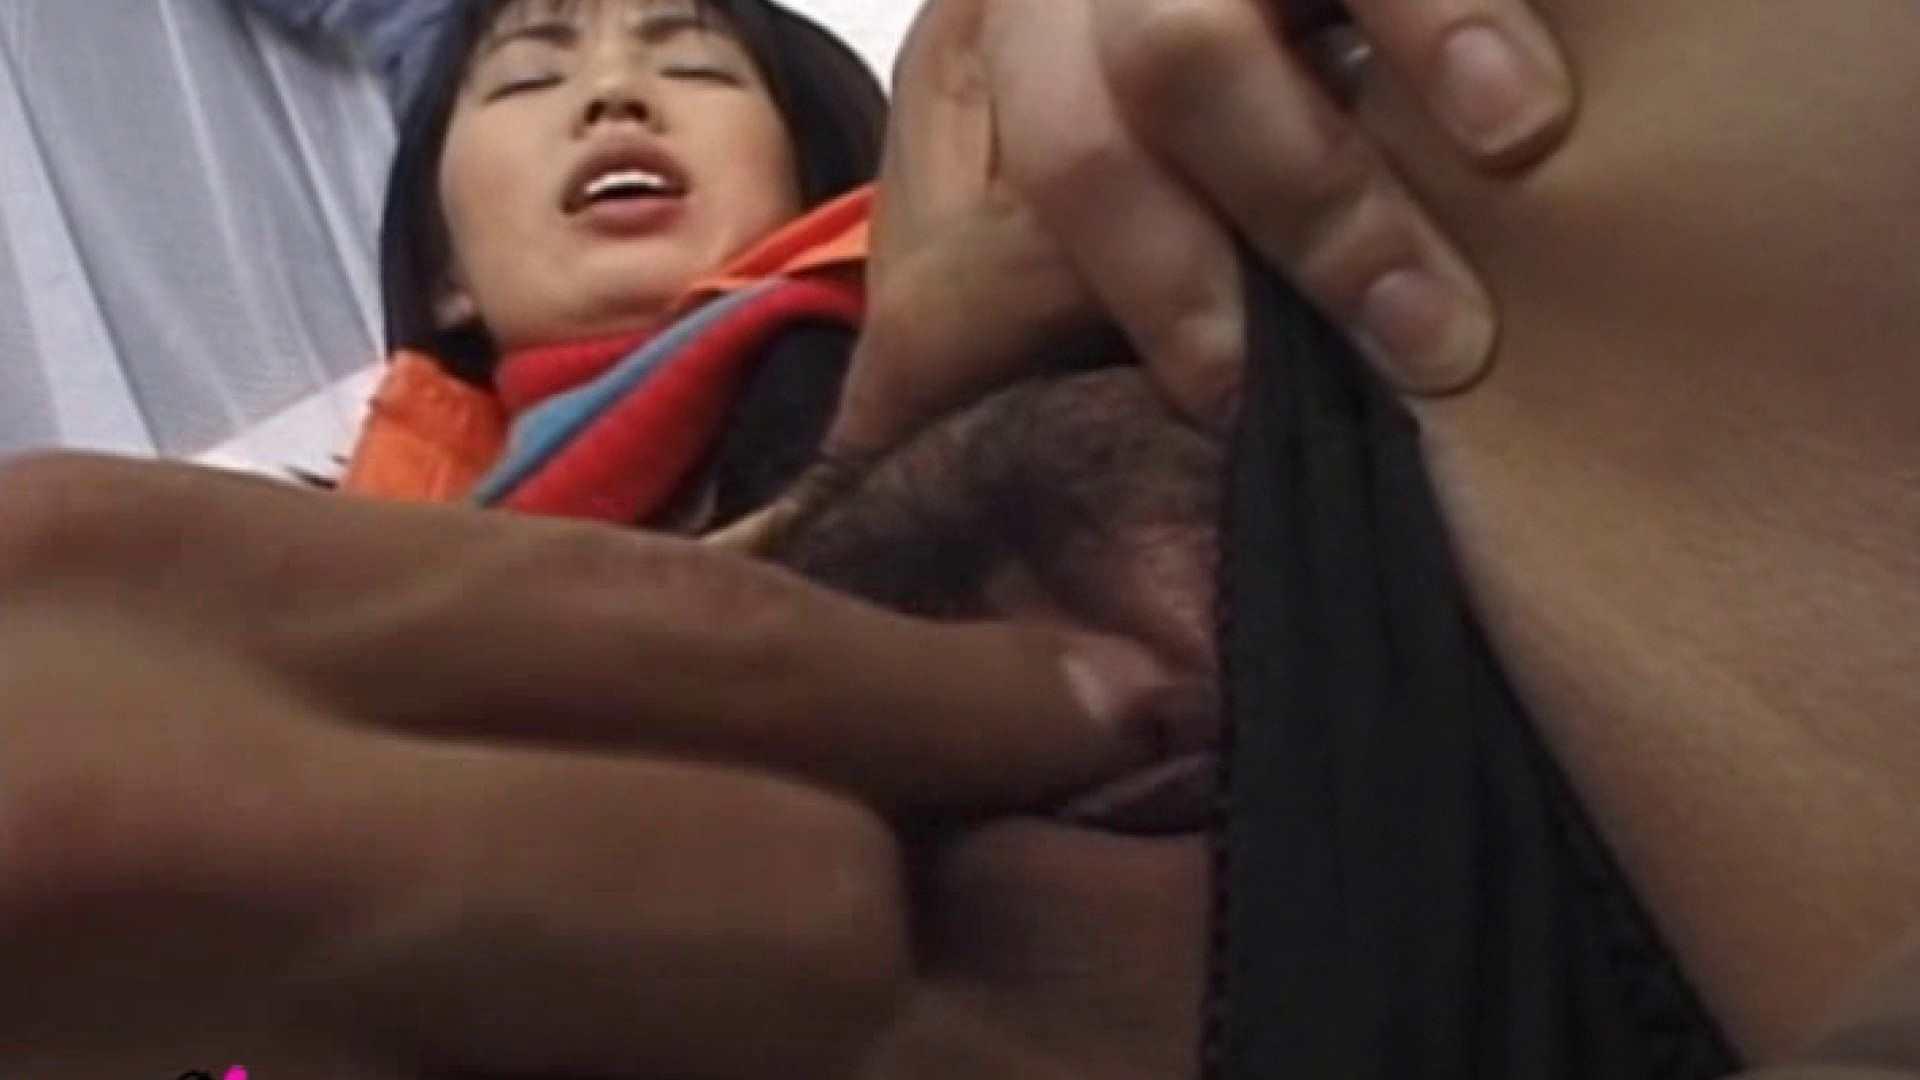 おしえてギャル子のH塾 Vol.42前編 フェラ 盗み撮り動画キャプチャ 105PIX 59